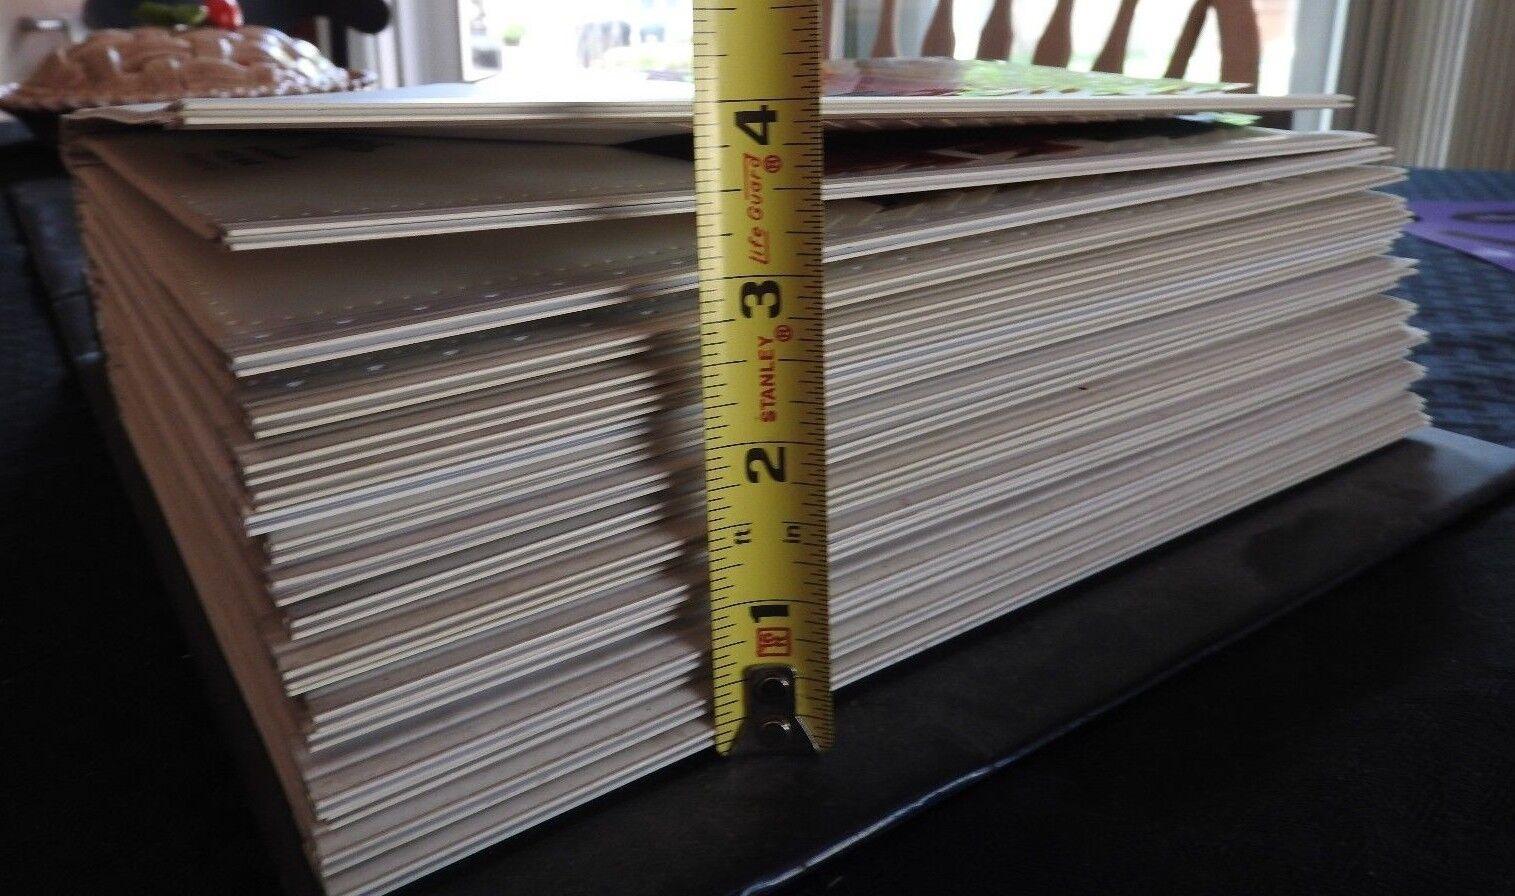 1971-03 Polaris Motos de Nieve Atv Master Microficha Manual Piezas Biblioteca